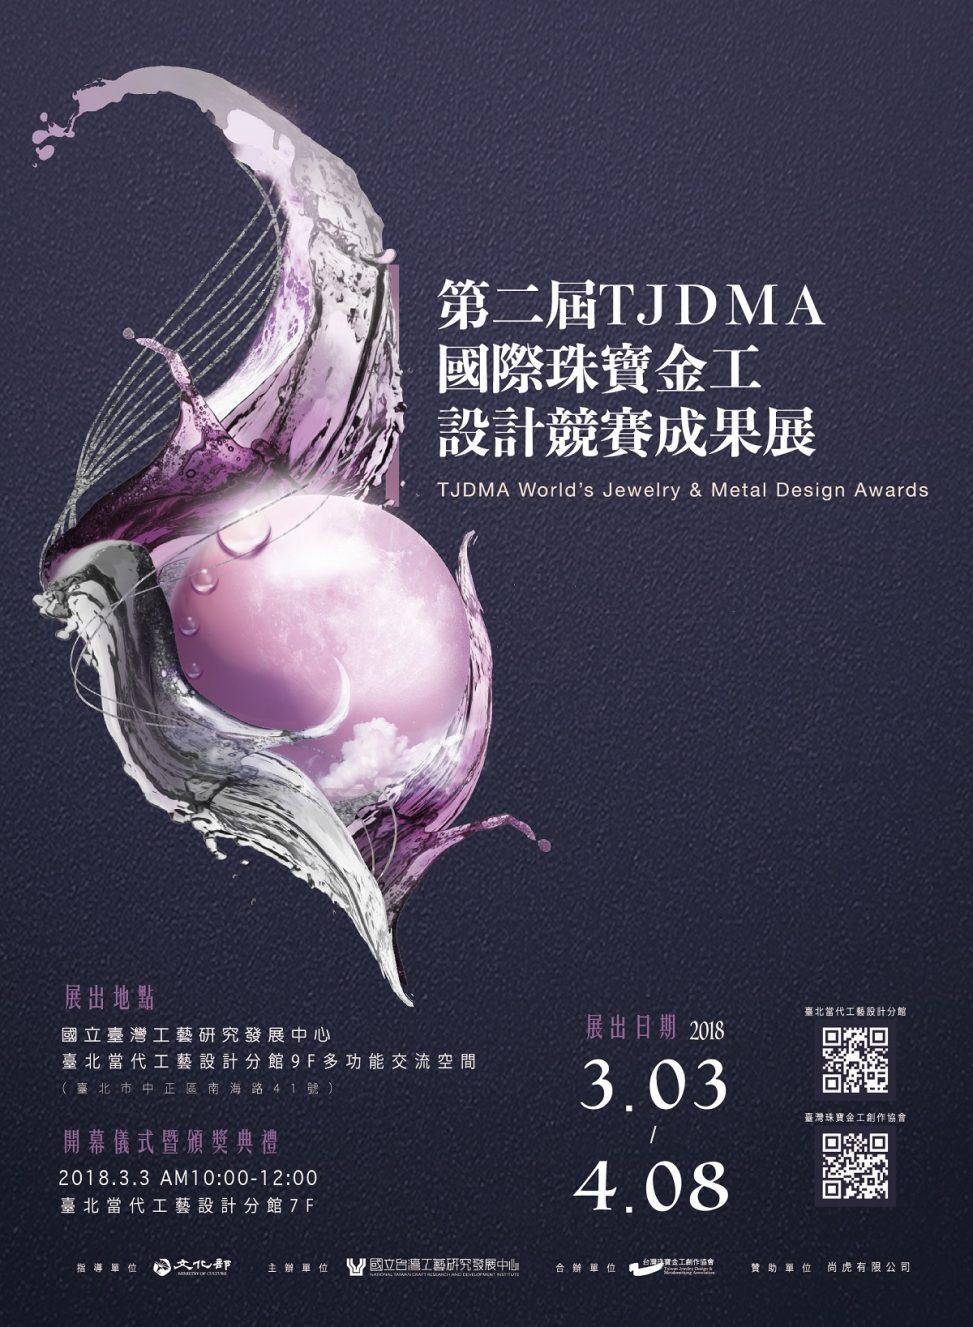 第二屆TJDMA宣傳海報